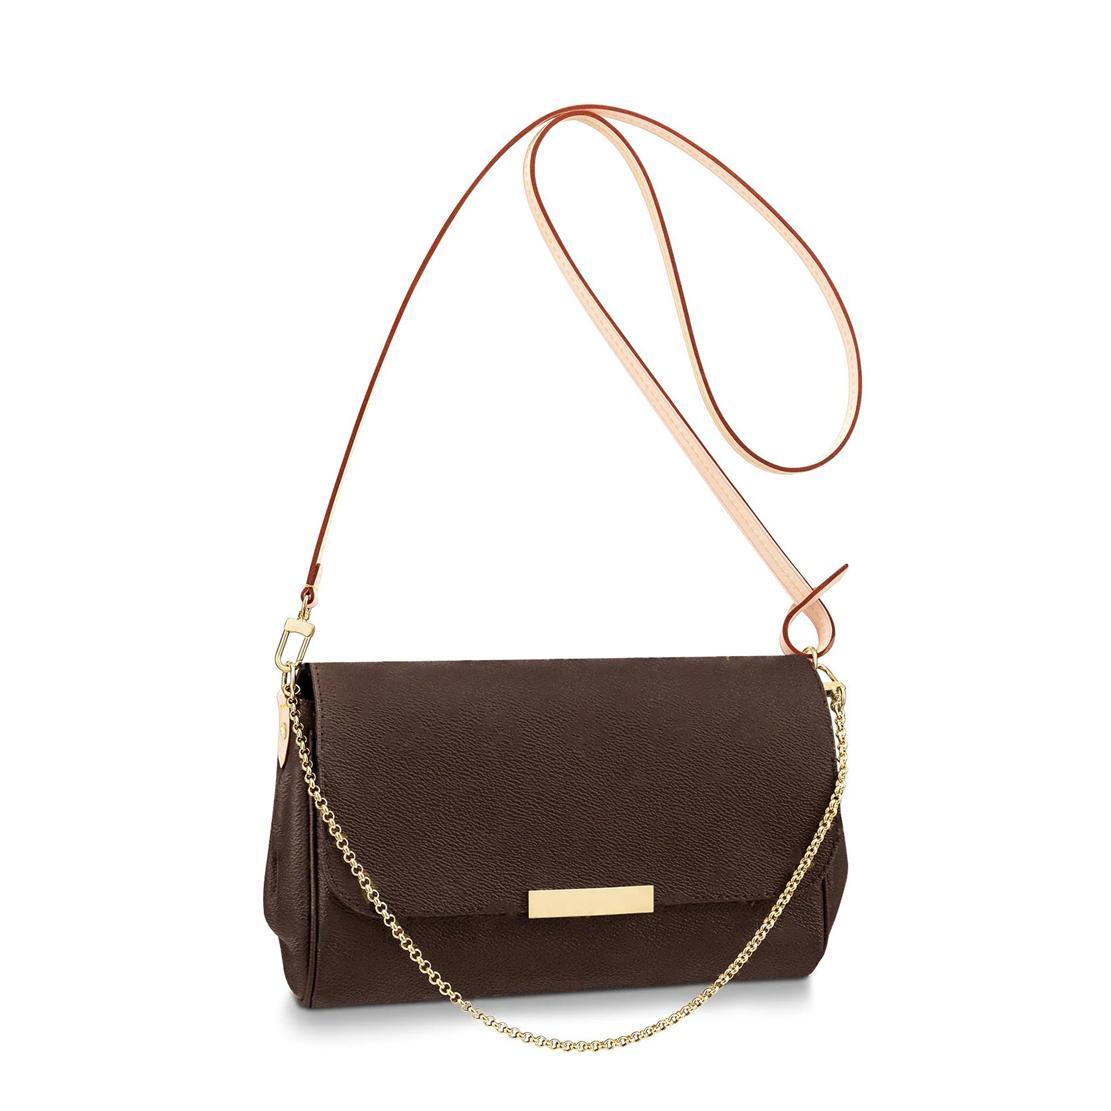 2021 couro real 40718 Bolsa de luxo favorita moda crossbody mulheres saco de design favorito marca bolsas de couro cinta de couro